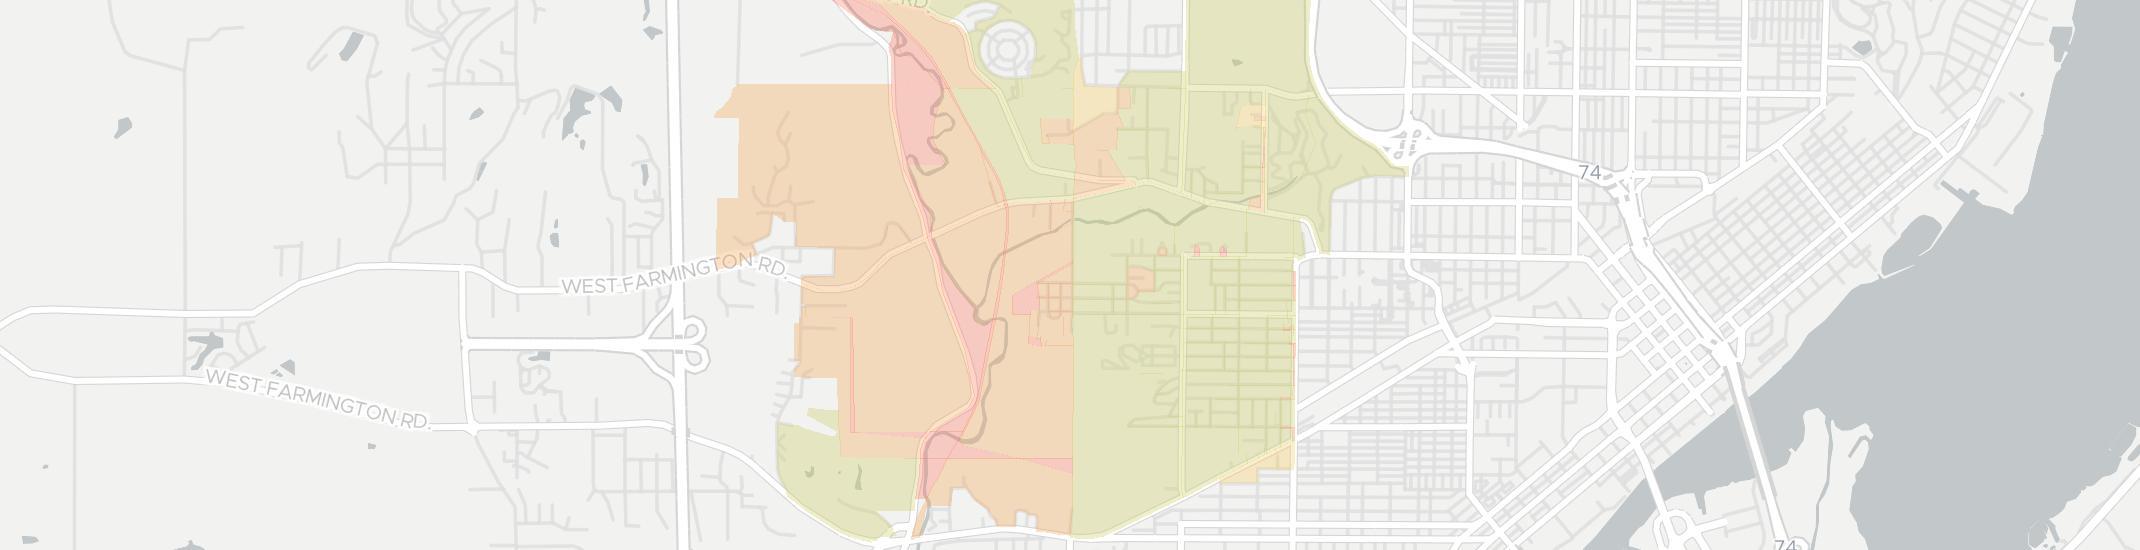 Internet Providers In West Peoria Il Compare 14 Providers